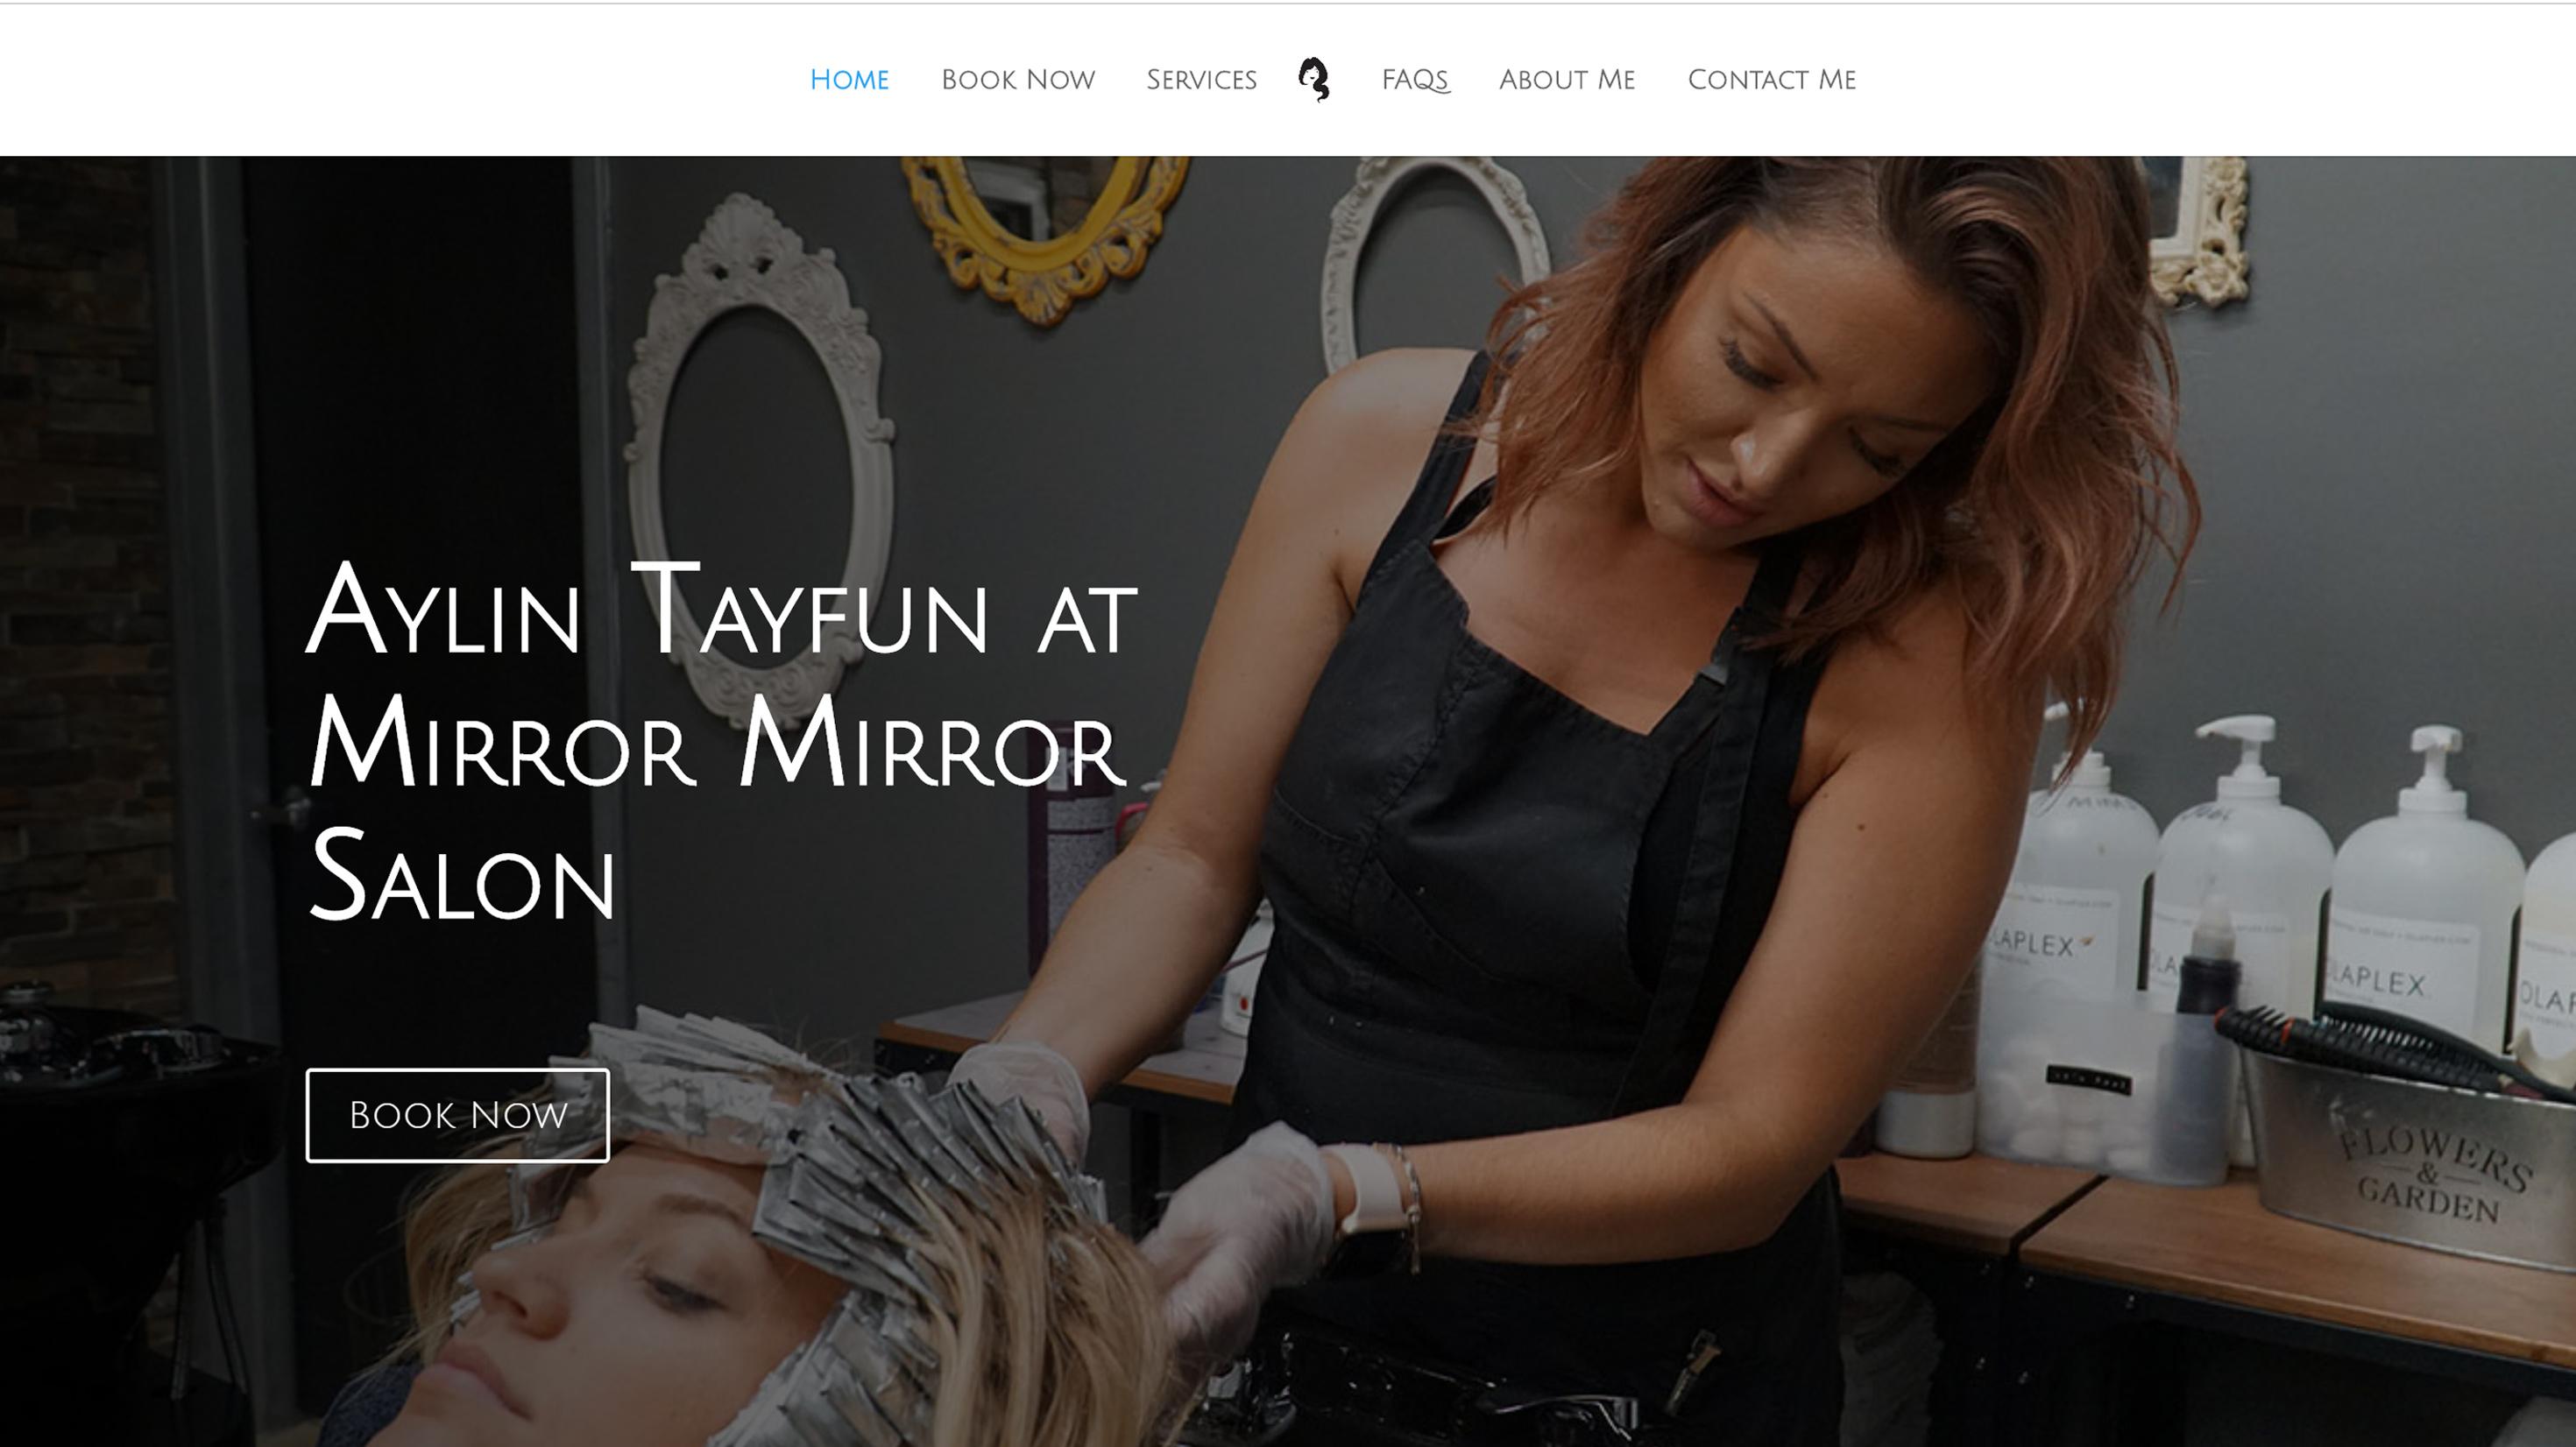 Aylin Tayfun Website